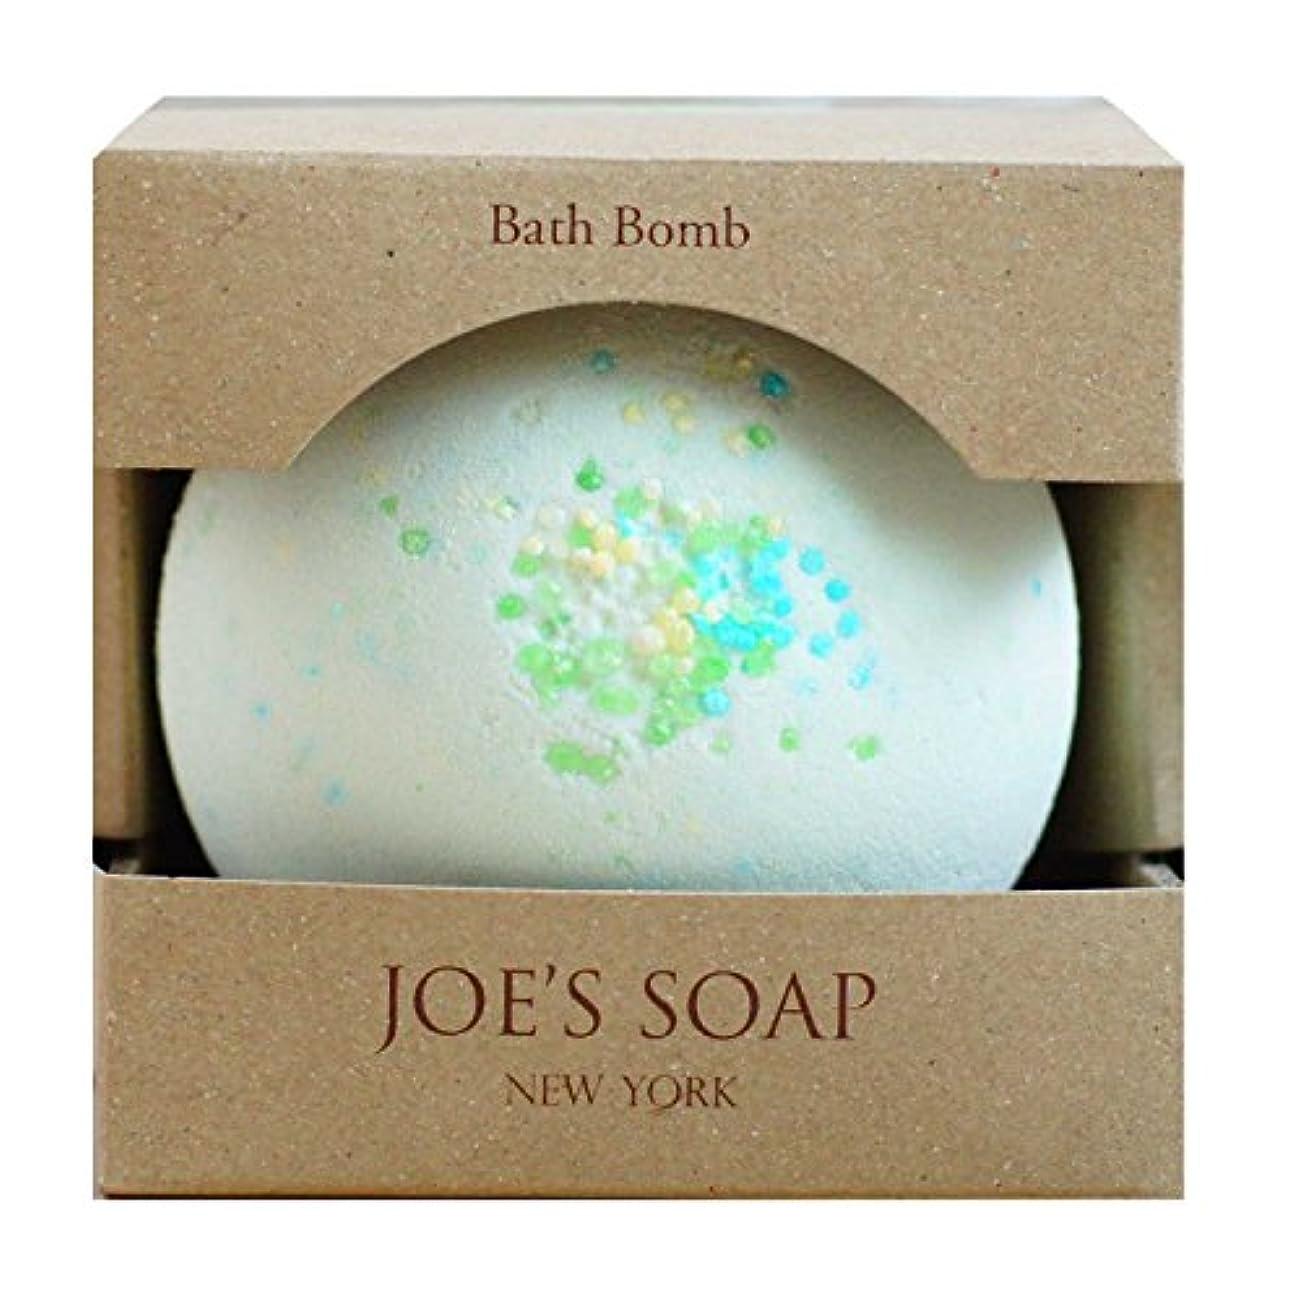 ドライバ処方するモノグラフJOE'S SOAP ( ジョーズソープ ) バスボム(JASMINE) バスボール 入浴剤 保湿 ボディケア スキンケア オリーブオイル はちみつ フト プレゼント